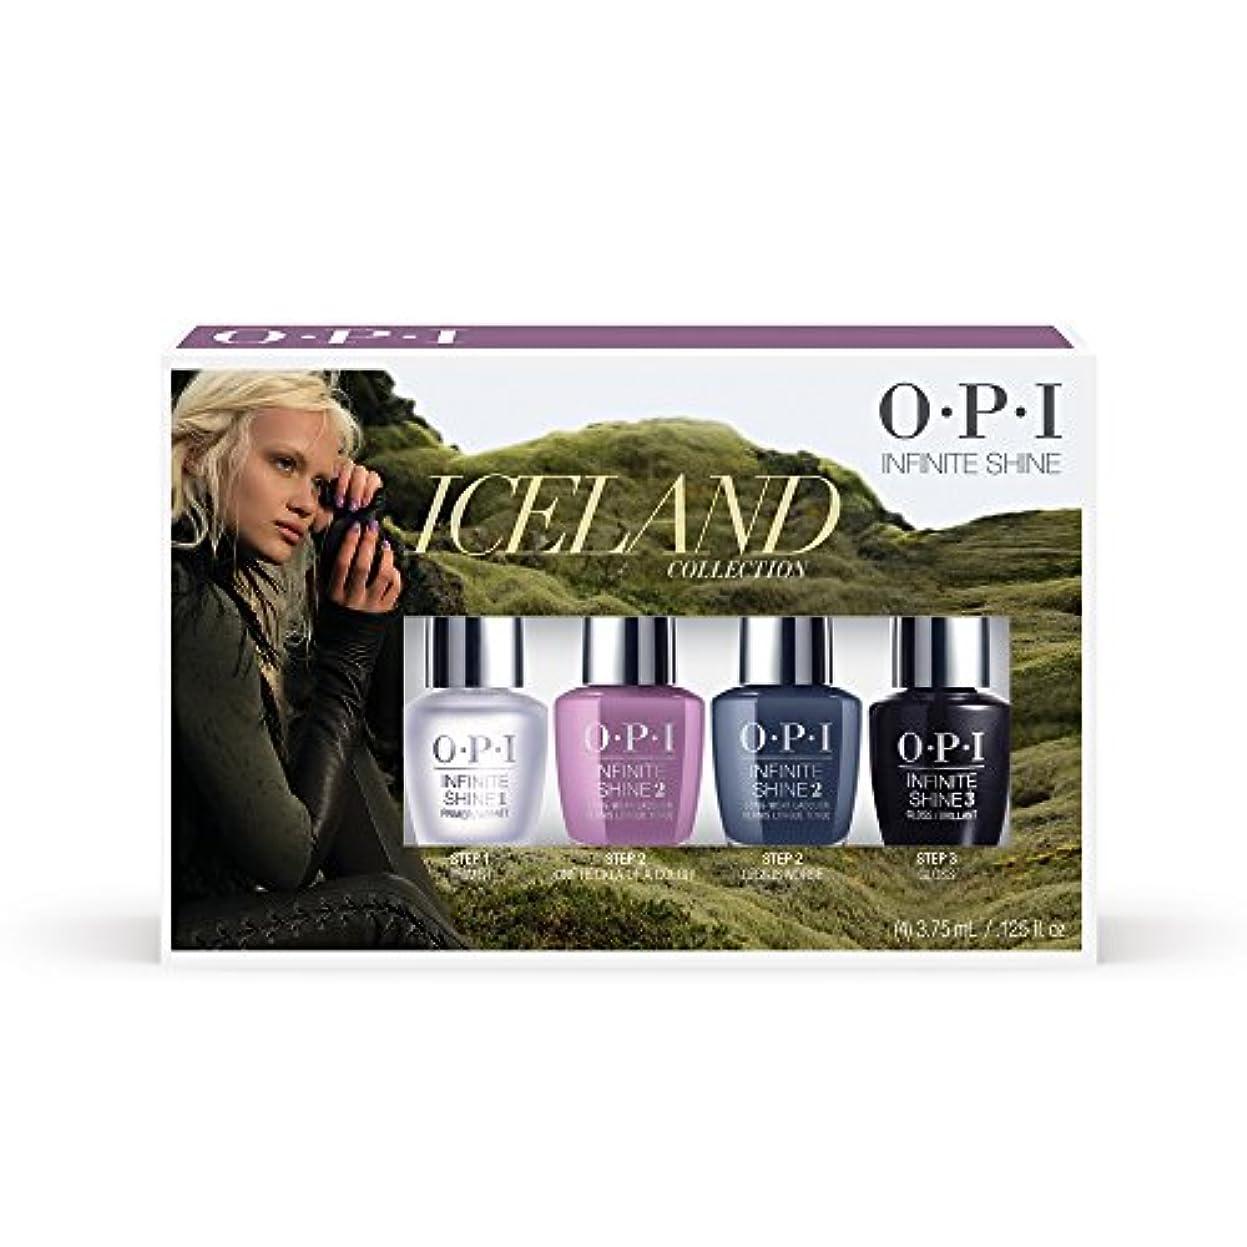 証明するトリクル拍車OPI(オーピーアイ) アイスランド コレクション インフィニット シャイン ミニパック